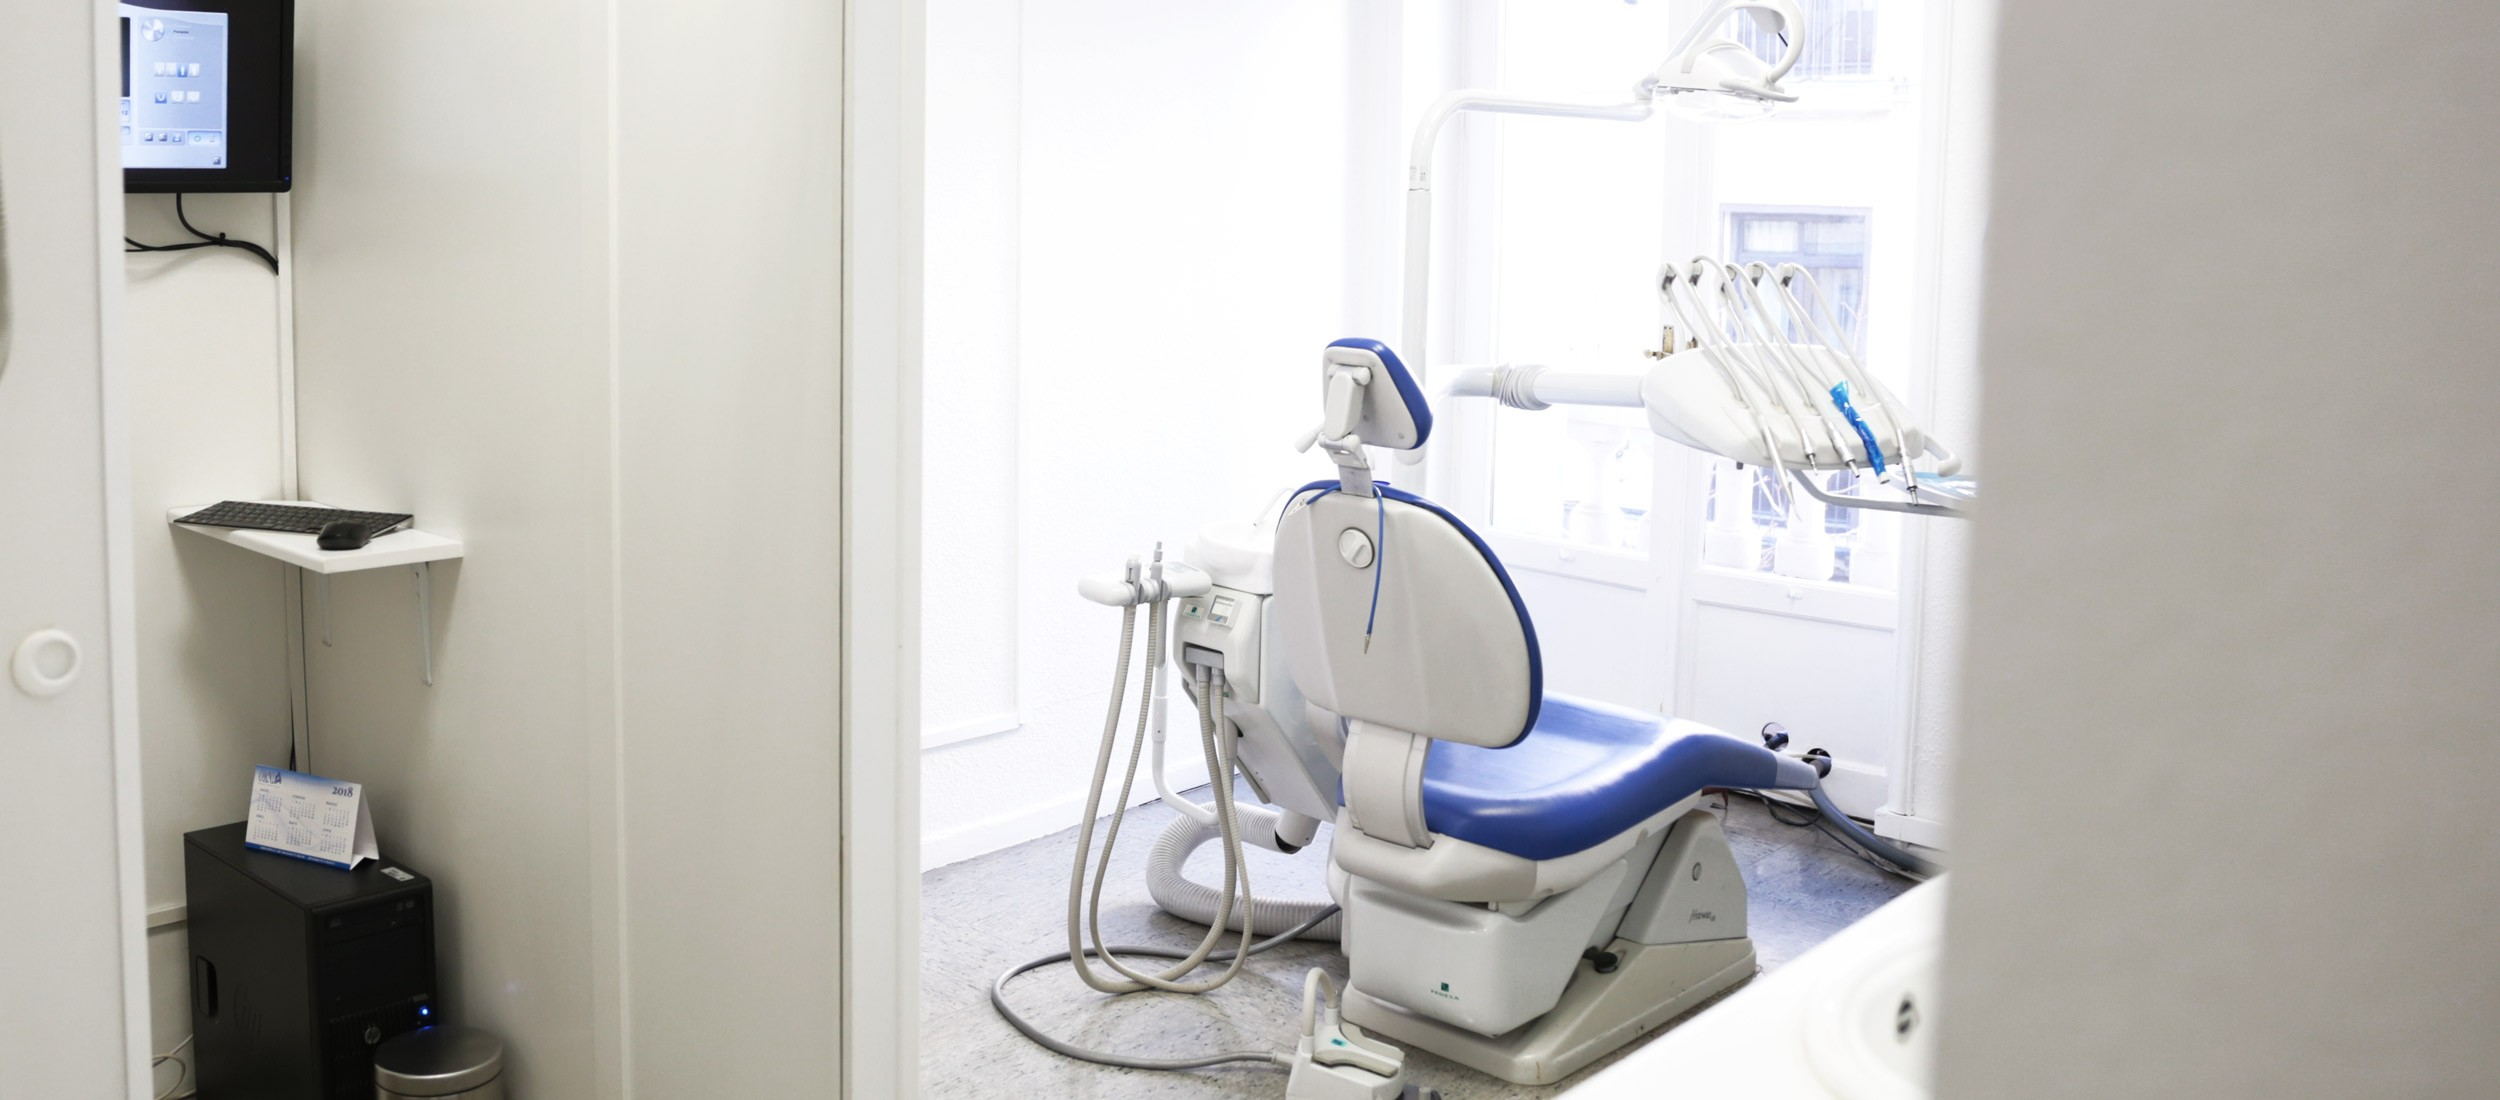 instalaciones clínica dental Madrid centro BORDONCLINIC